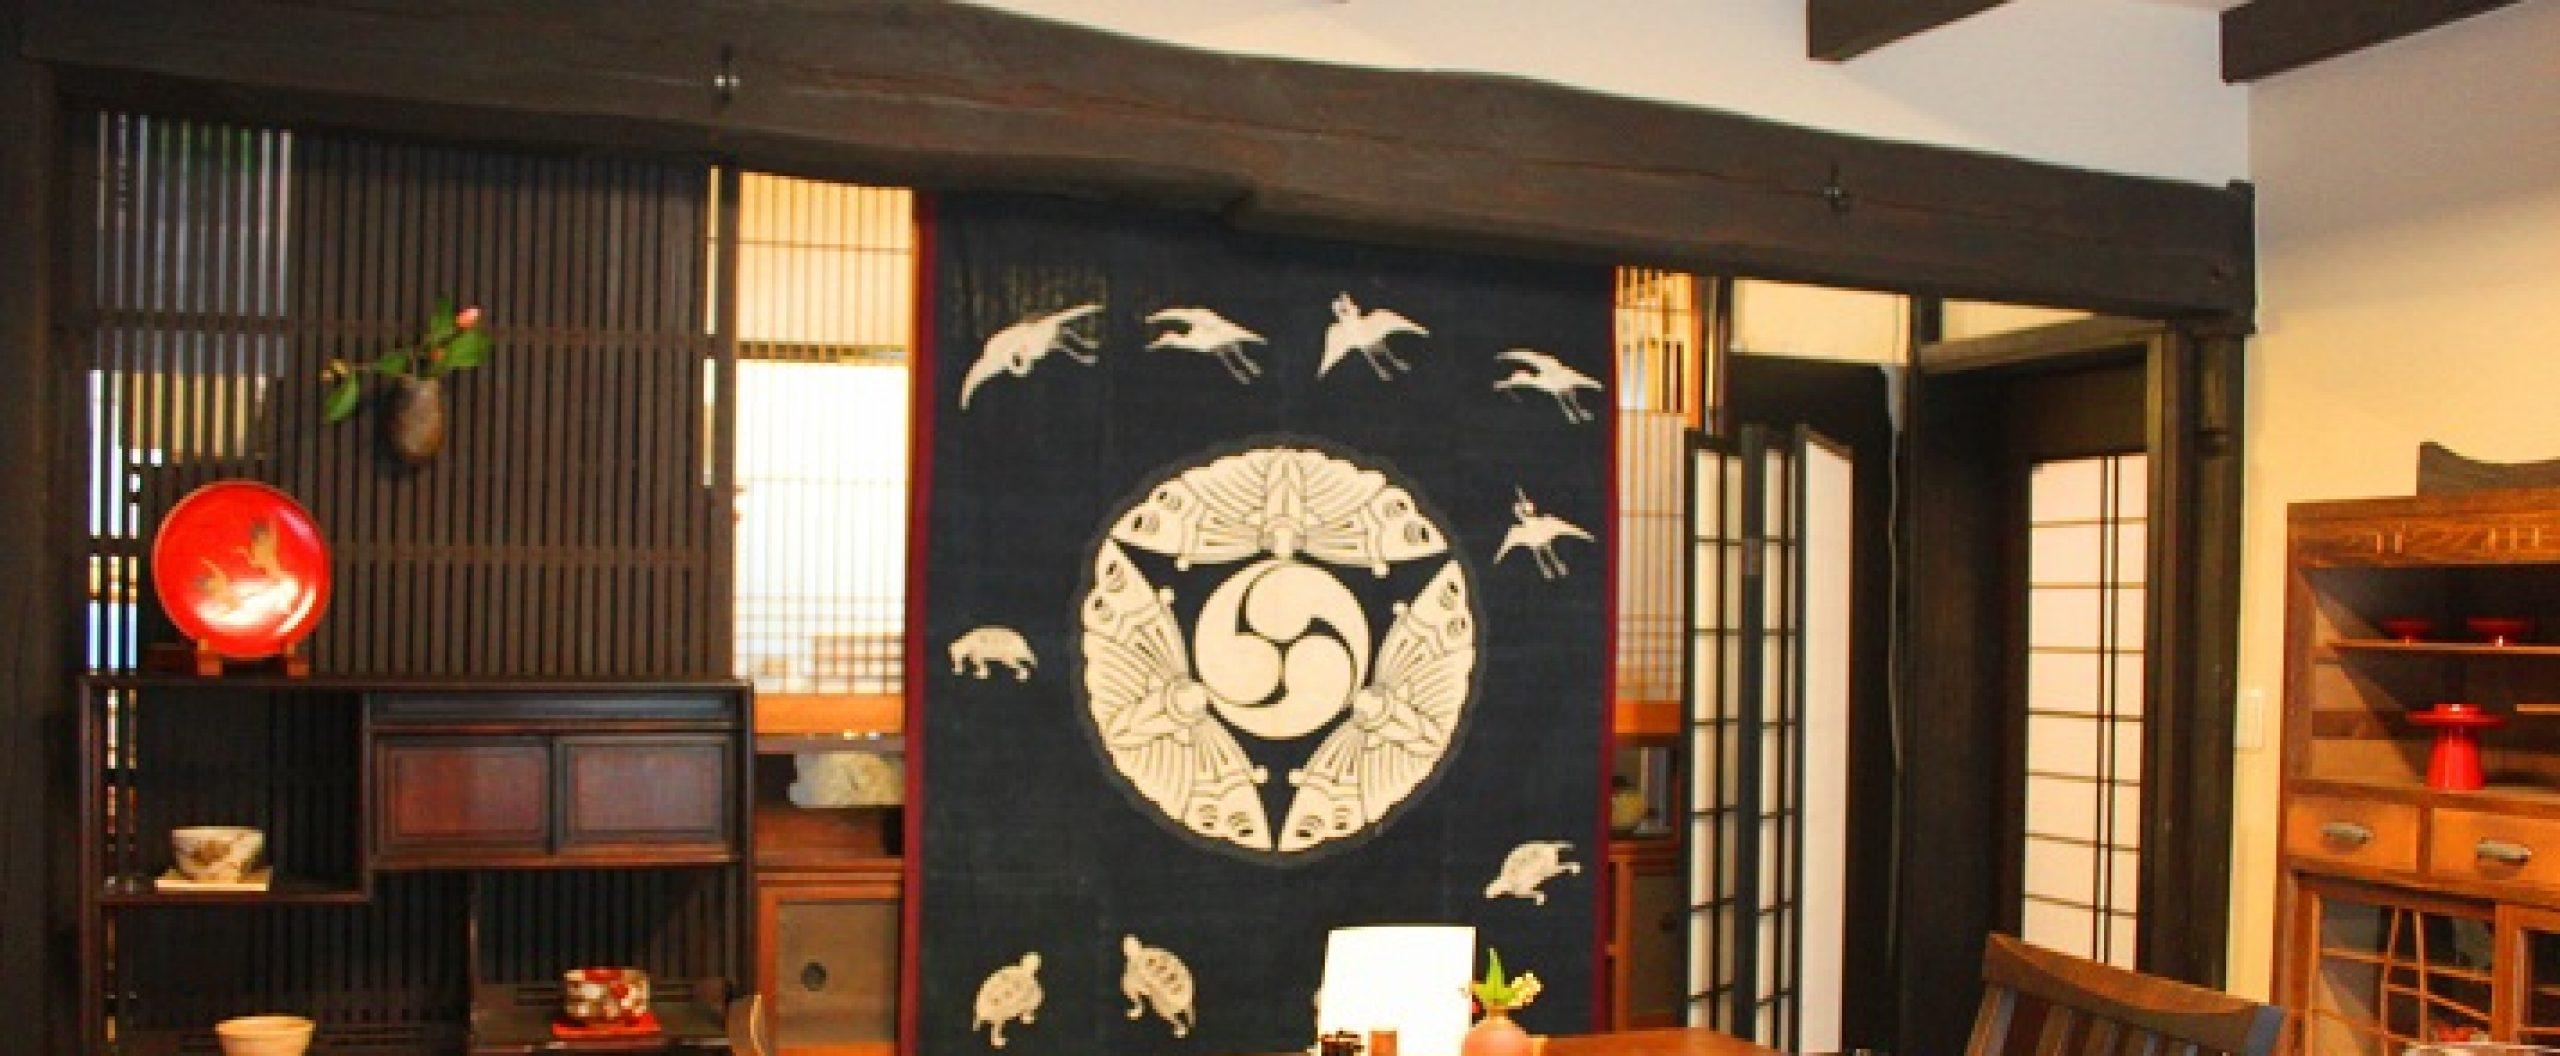 「楓花」は福山市の山里の緑豊かな「ほたるの里」にあります。築114年の古民家の佇まいをそのまま生かし、ゆったりとした空間で創作家庭料理を提供しています。また、料理教室「季節の料理を愉しむ会」や、生前整理の各種セミナー「50代からの大人の片付け」などを開催しています。